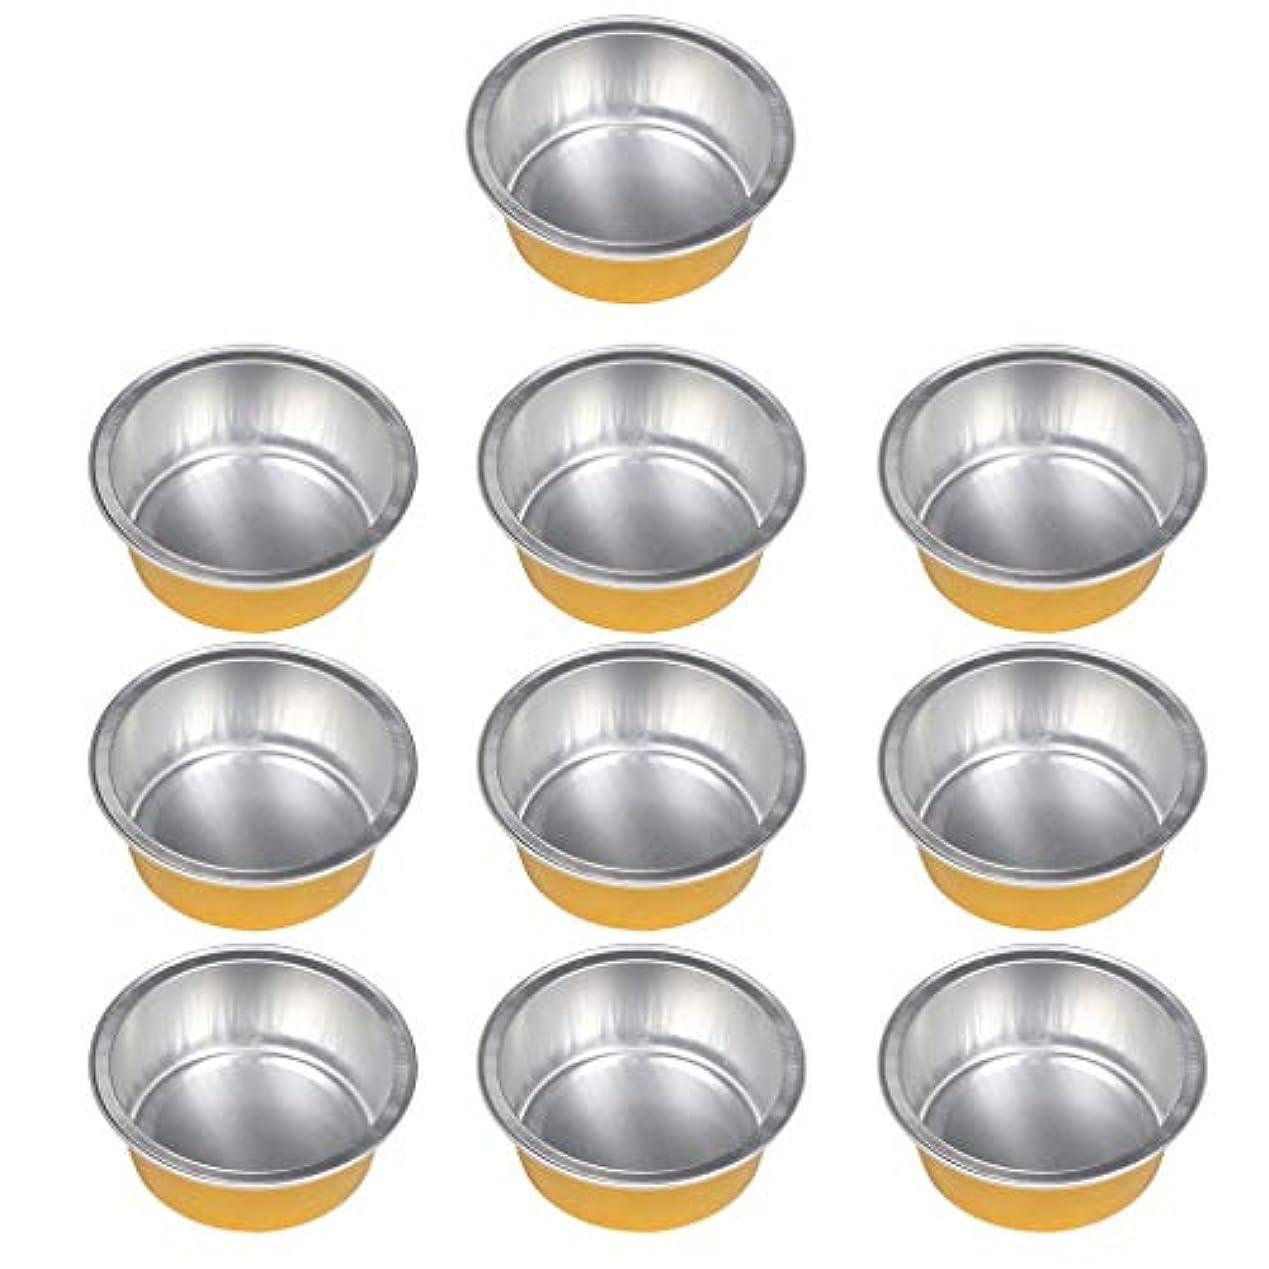 ジョガーダース必要ない10個 アルミホイルボウル ワックスボウル ミニボウル ワックス豆体 融解ケース 衛生 2種選ぶ - ゴールデン1, 01